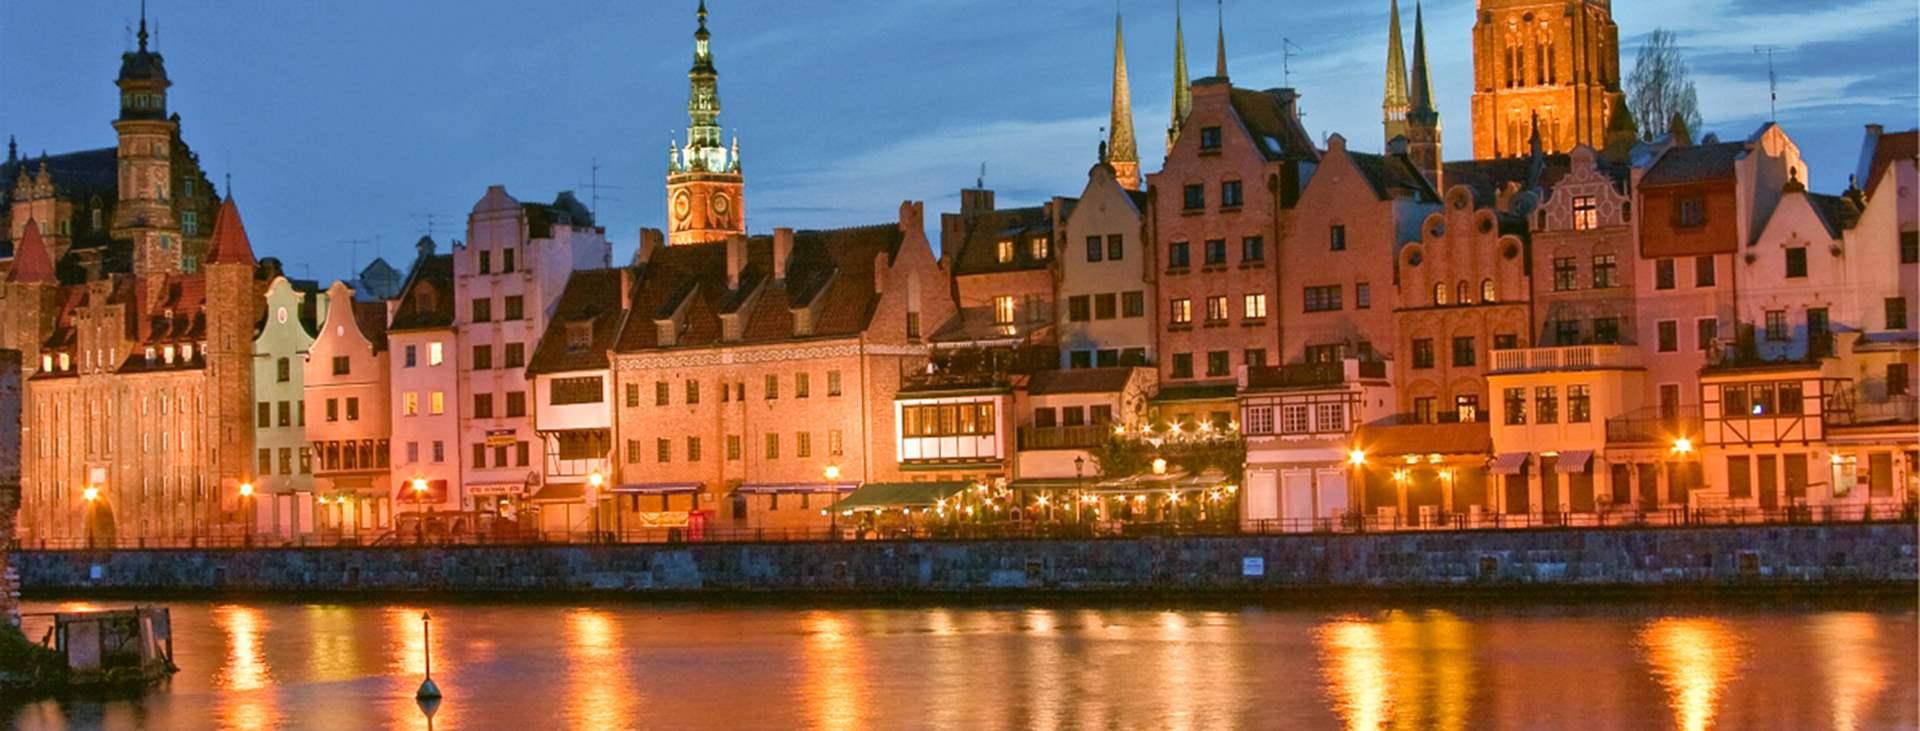 billiga flygresor till gdansk